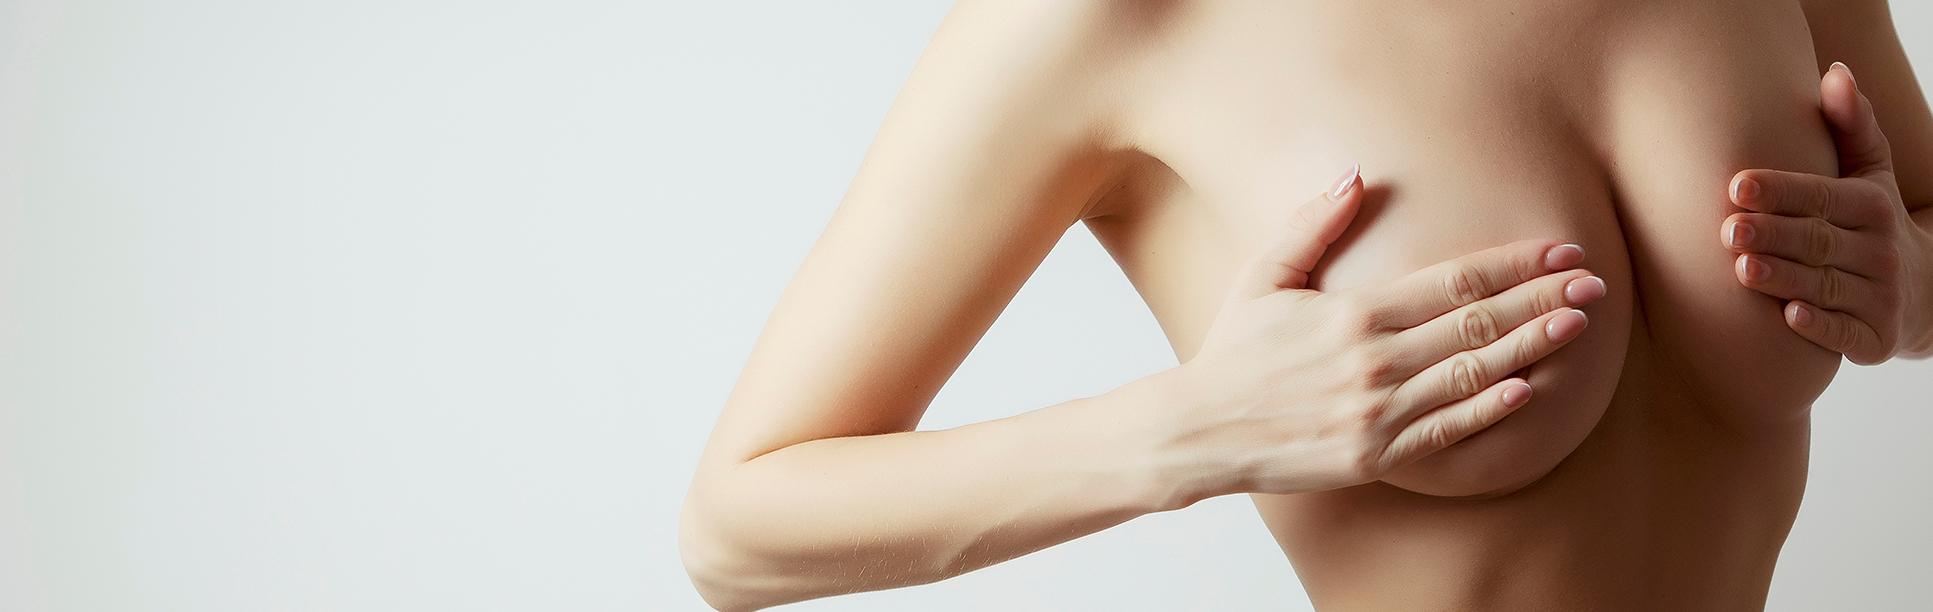 Reduceri pentru lifting mamar și augmentare mamară cu implanturi ofertă de vară discount